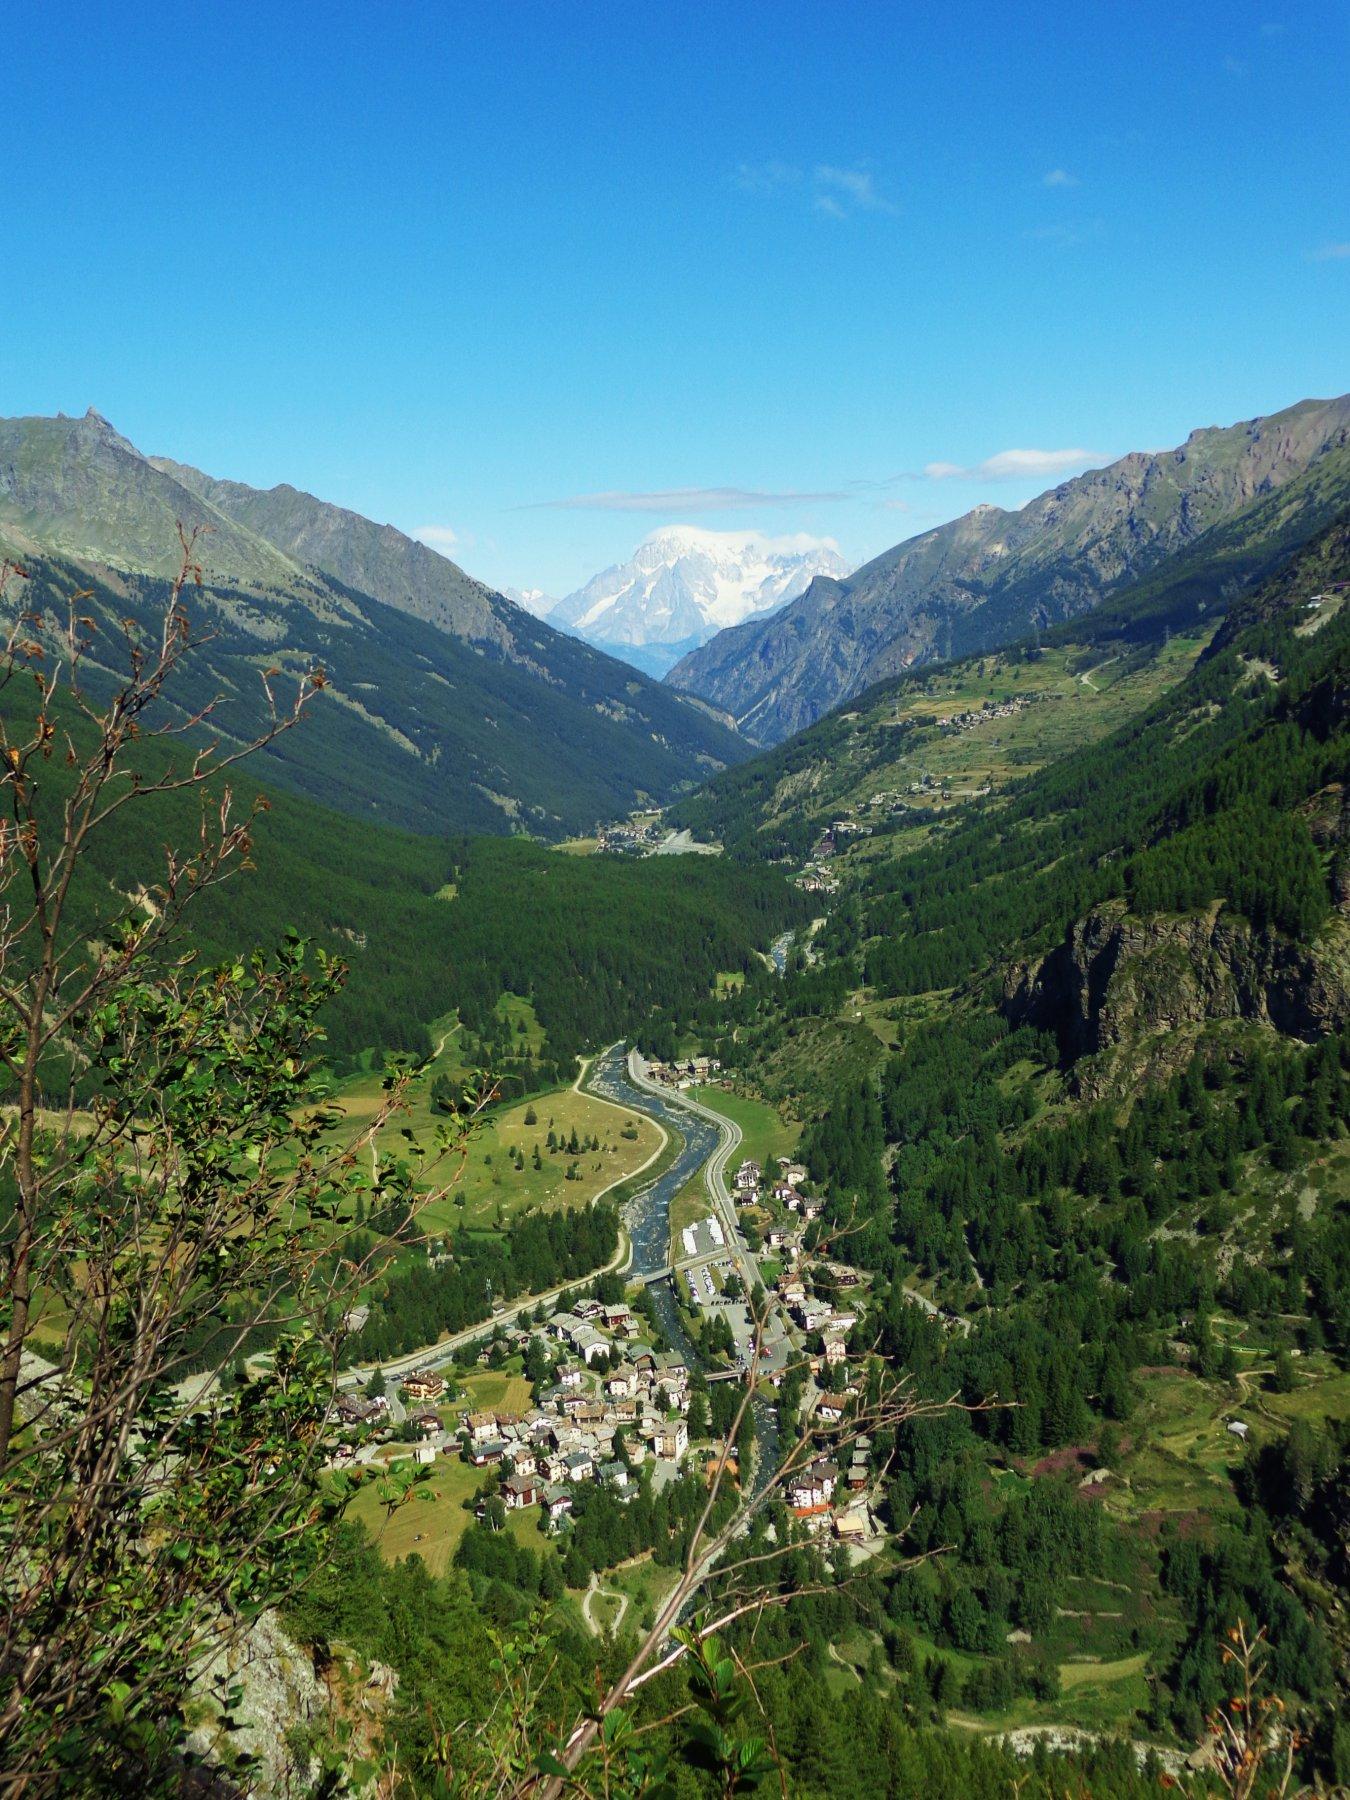 In salita panorama su Lillaz e Monte Bianco